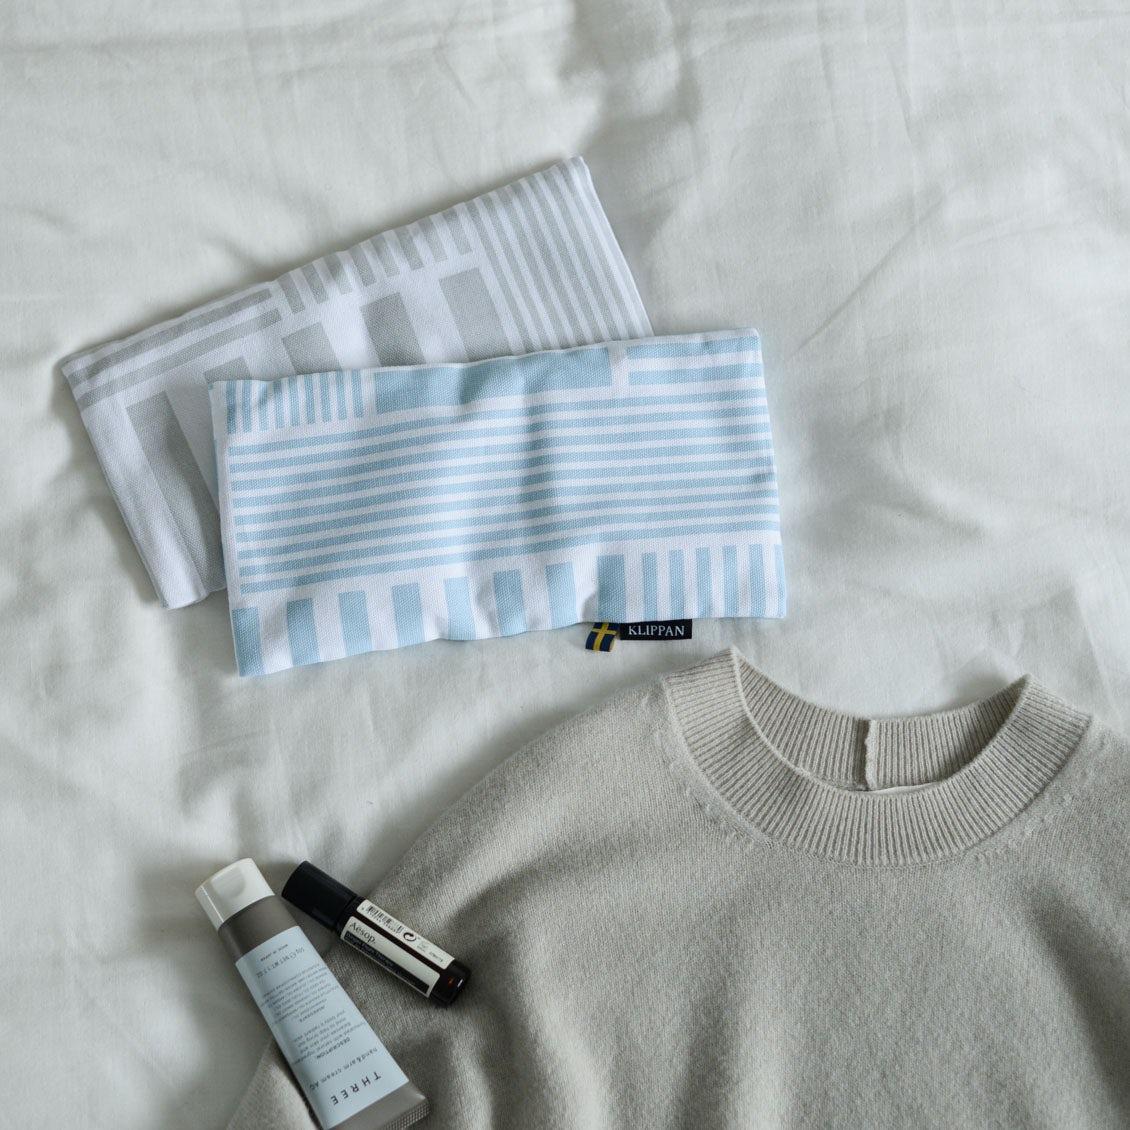 【新商品】日本限定アイテム! あのKLIPPANから北欧テキスタイルの「アイピロー」が新登場です♪